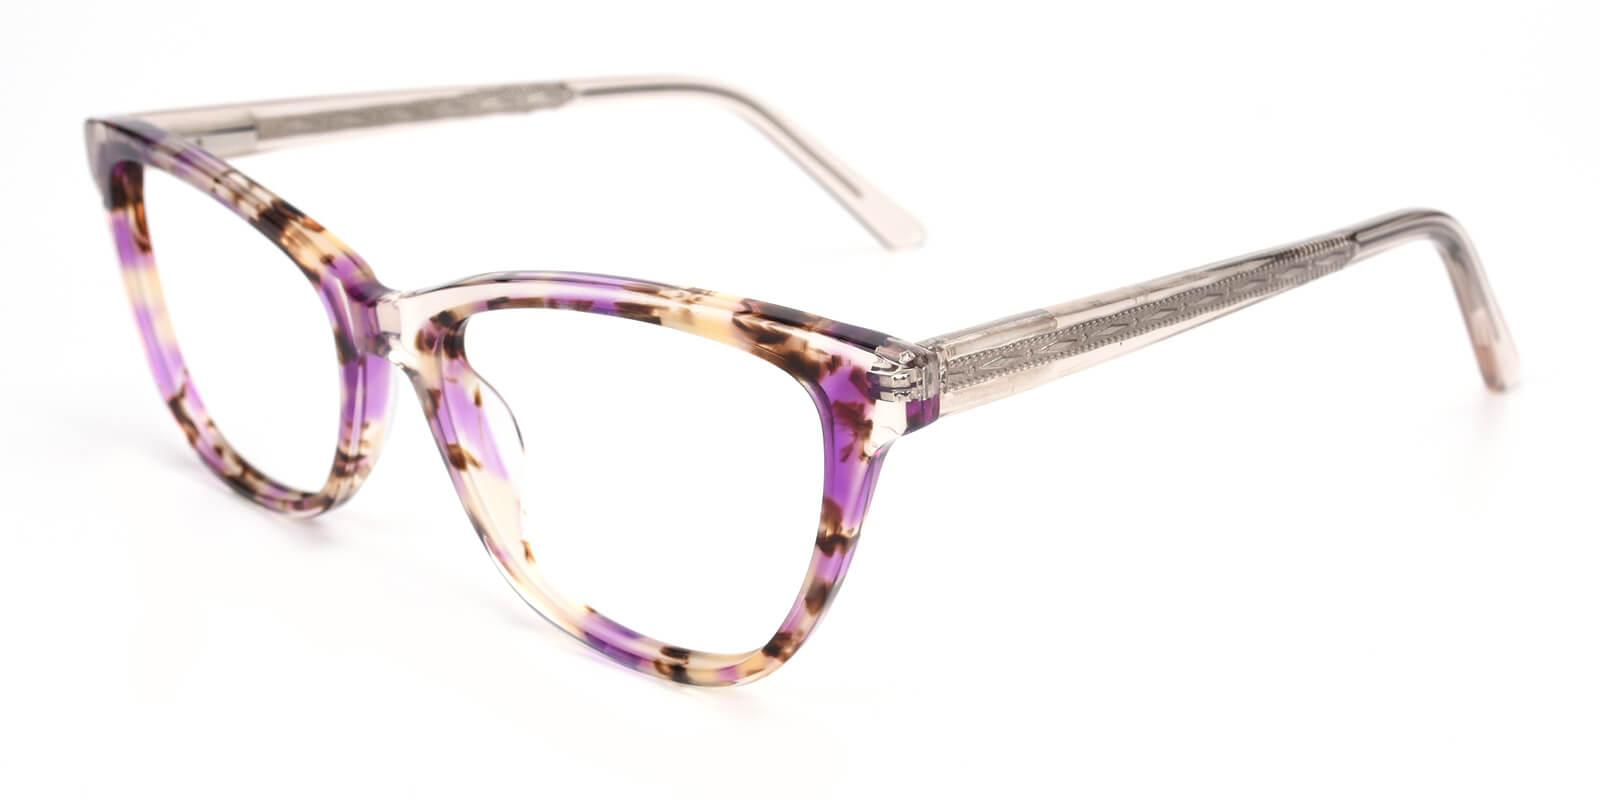 Evangeline-Purple-Cat-Acetate-Eyeglasses-detail